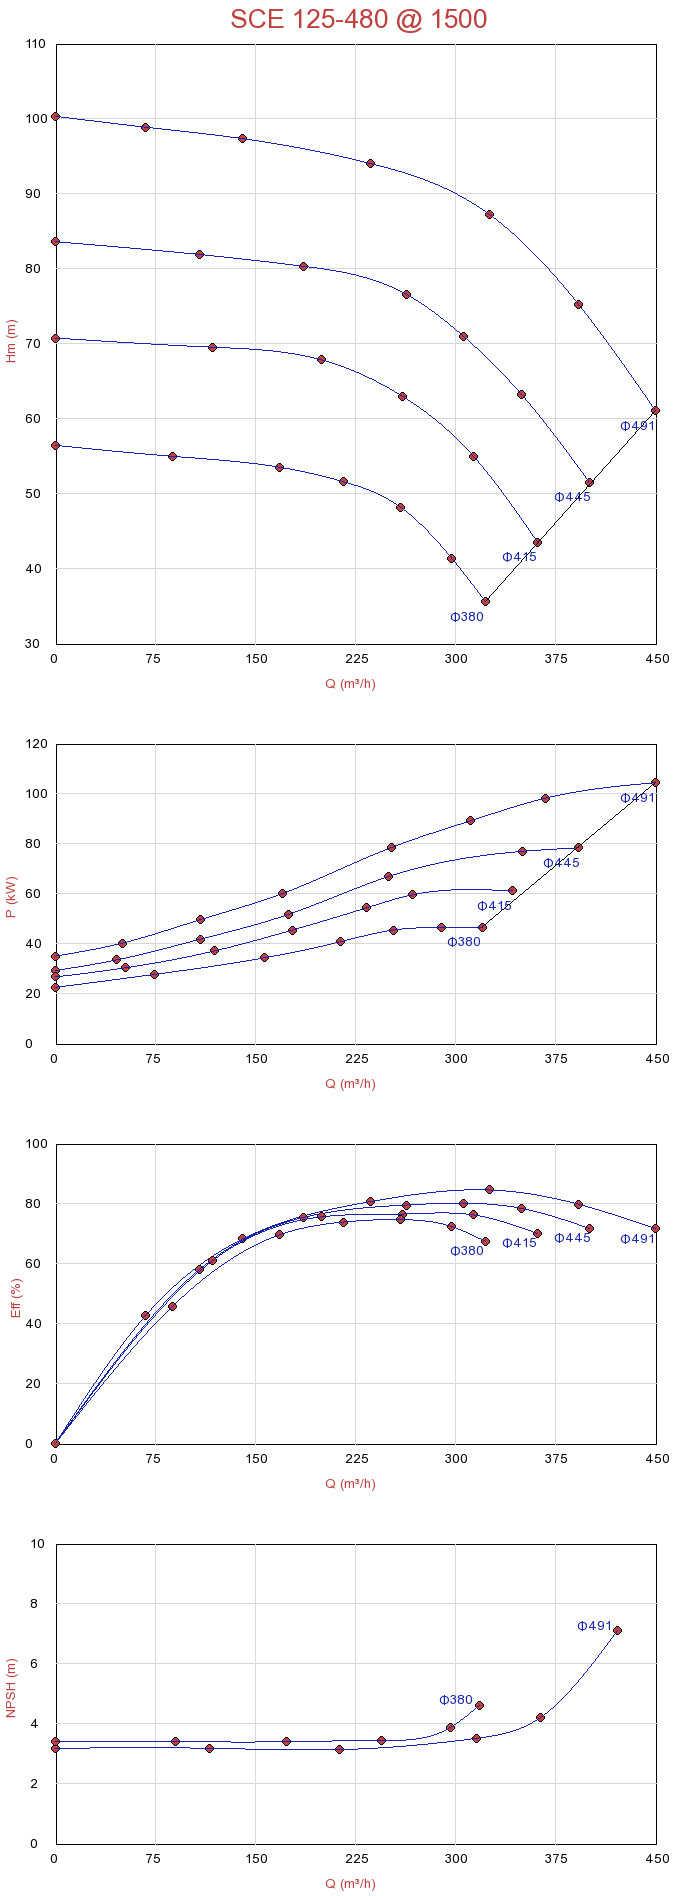 Biểu đồ lưu lượng máy bơm ly tâm hút đôi Sempa SCE 125-480